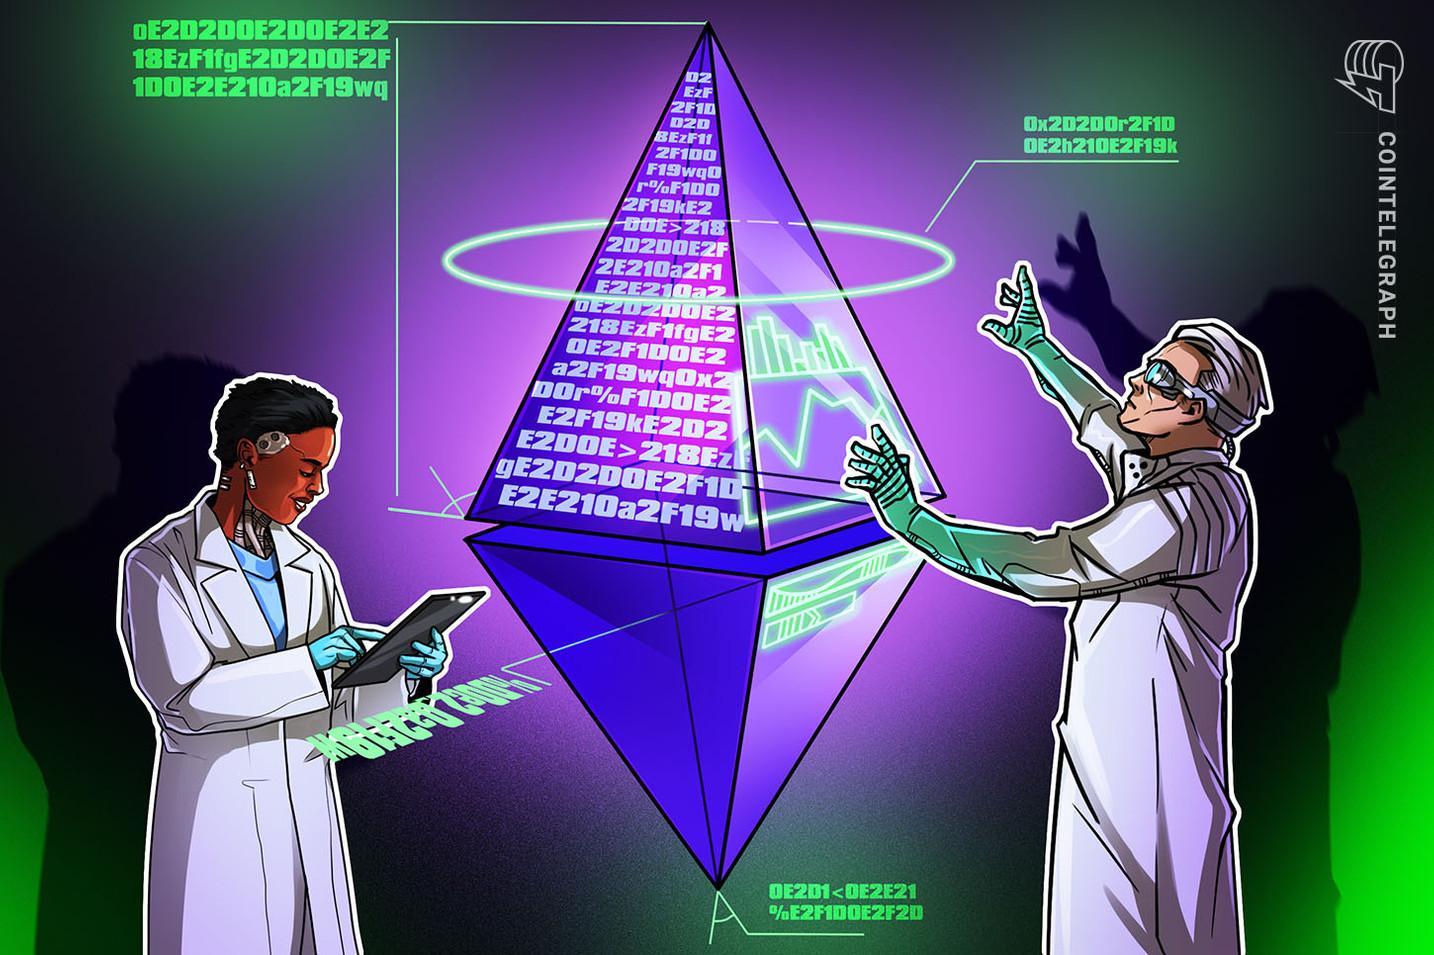 تنشر EY حل تحجيم Ethereum في المجال العام